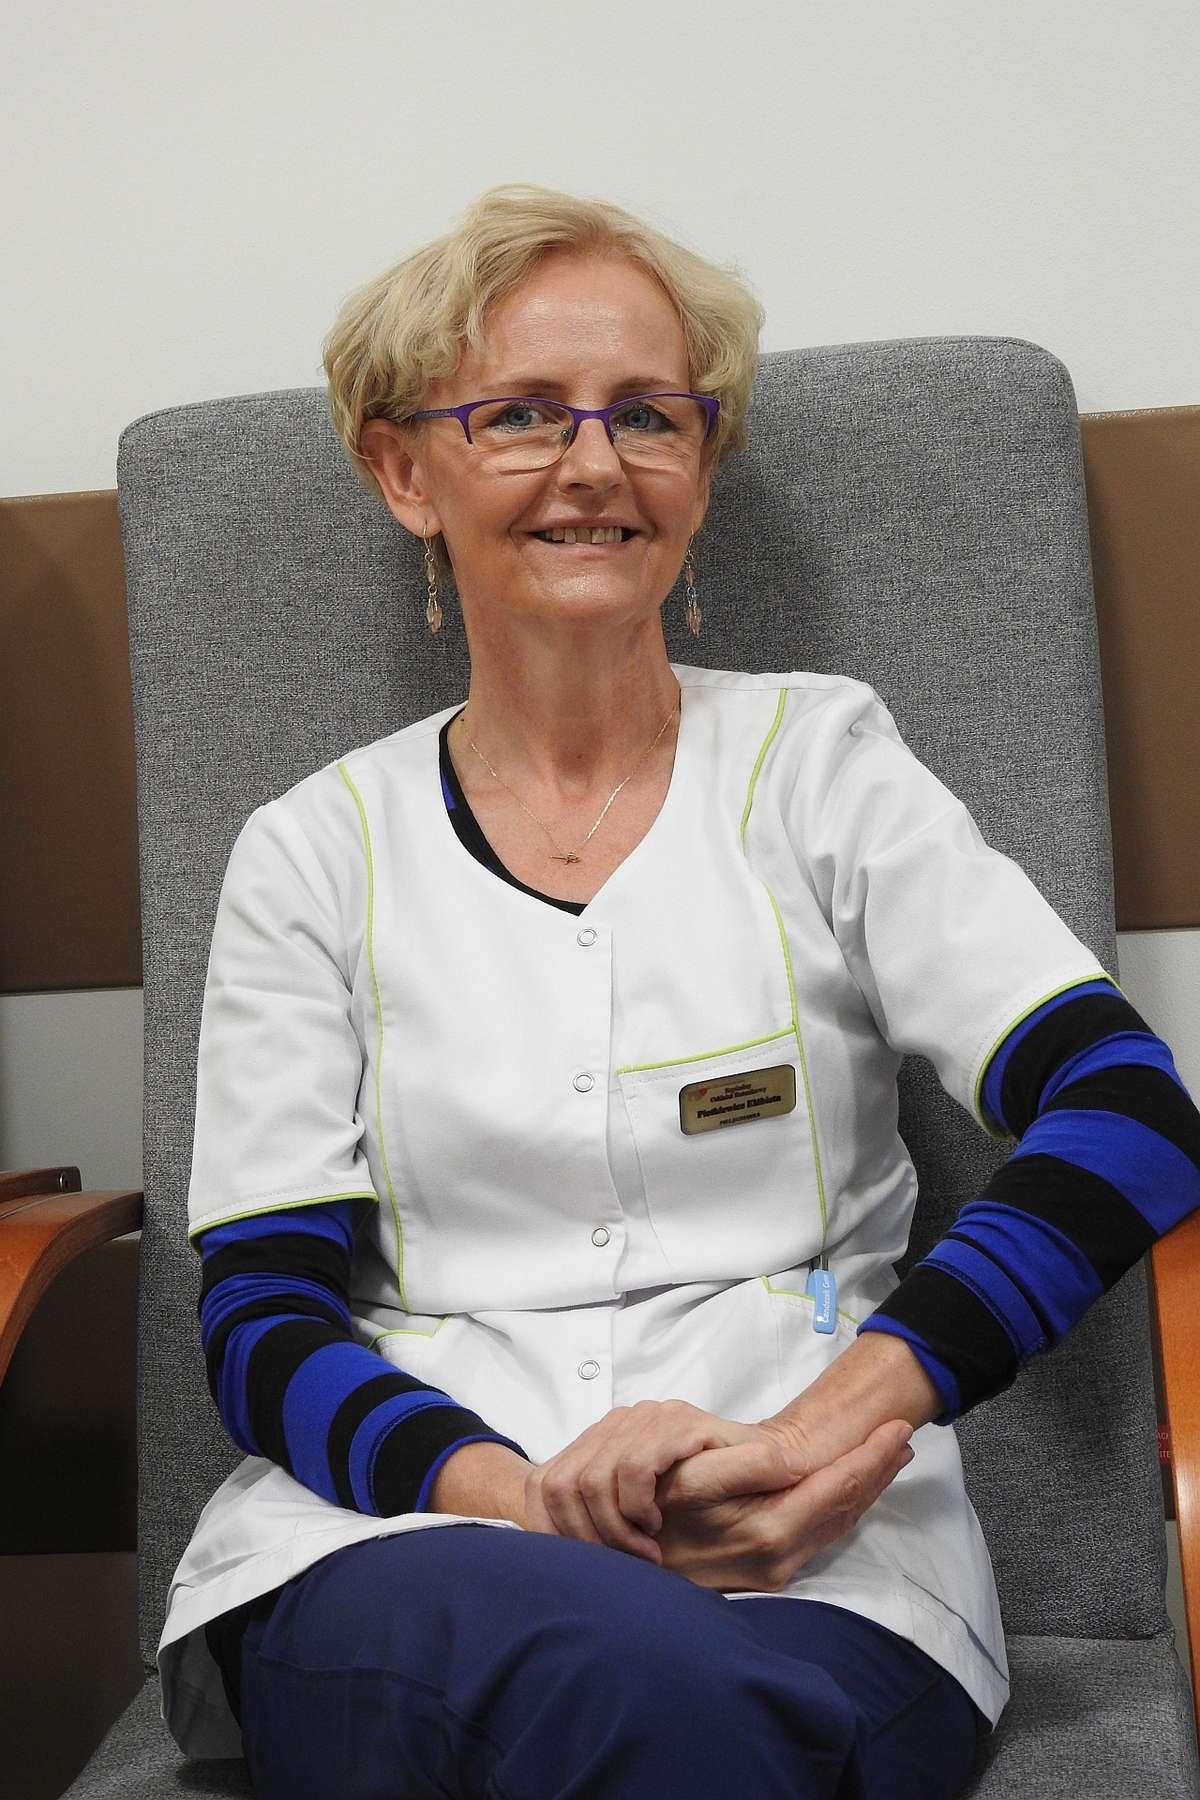 Pielęgniarka Elżbieta Pietkiewicz ze Szpitalnego Oddziału Ratunkowego, szpitala powiatowego w Bartoszycach.